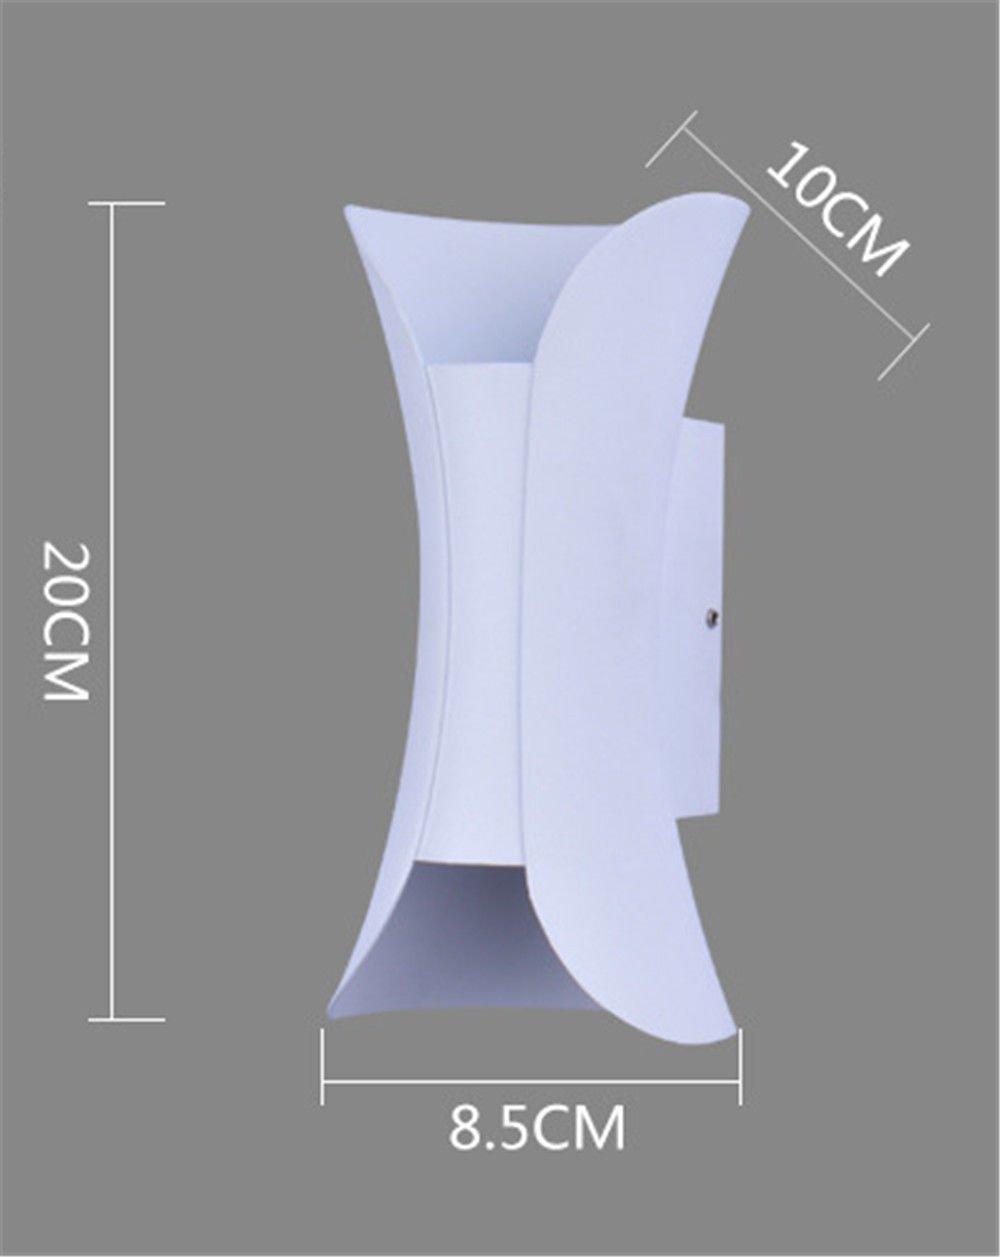 StiefelU LED Wandleuchte nach oben und unten Wandleuchten Wandleuchten led Indoor Outdoor wasserdicht, 6000 K, Sand weiß 10.